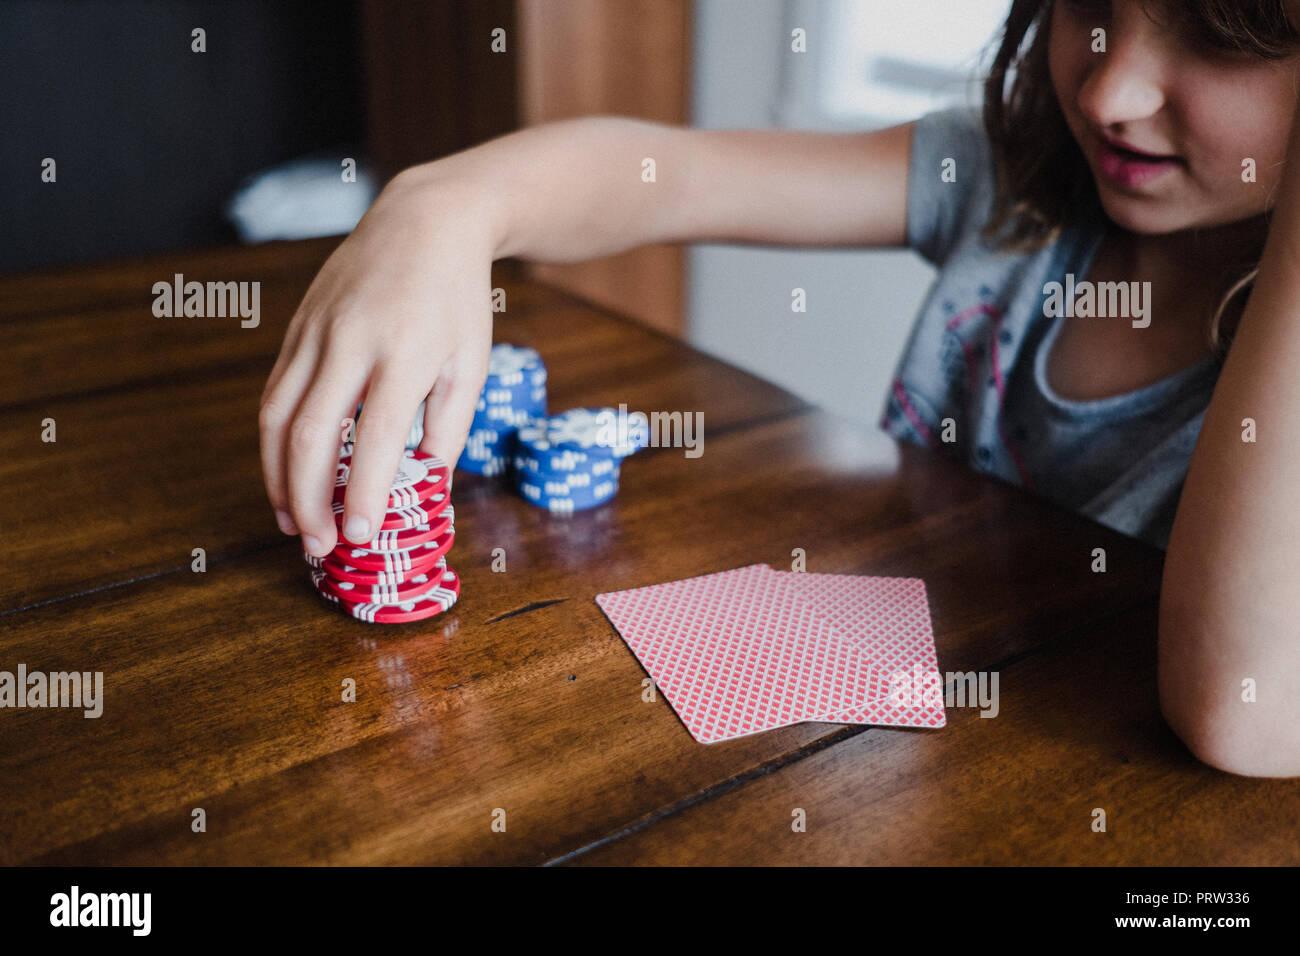 Chica jugando a las cartas en la mesa, apilando fichas de juego, cerrar Imagen De Stock